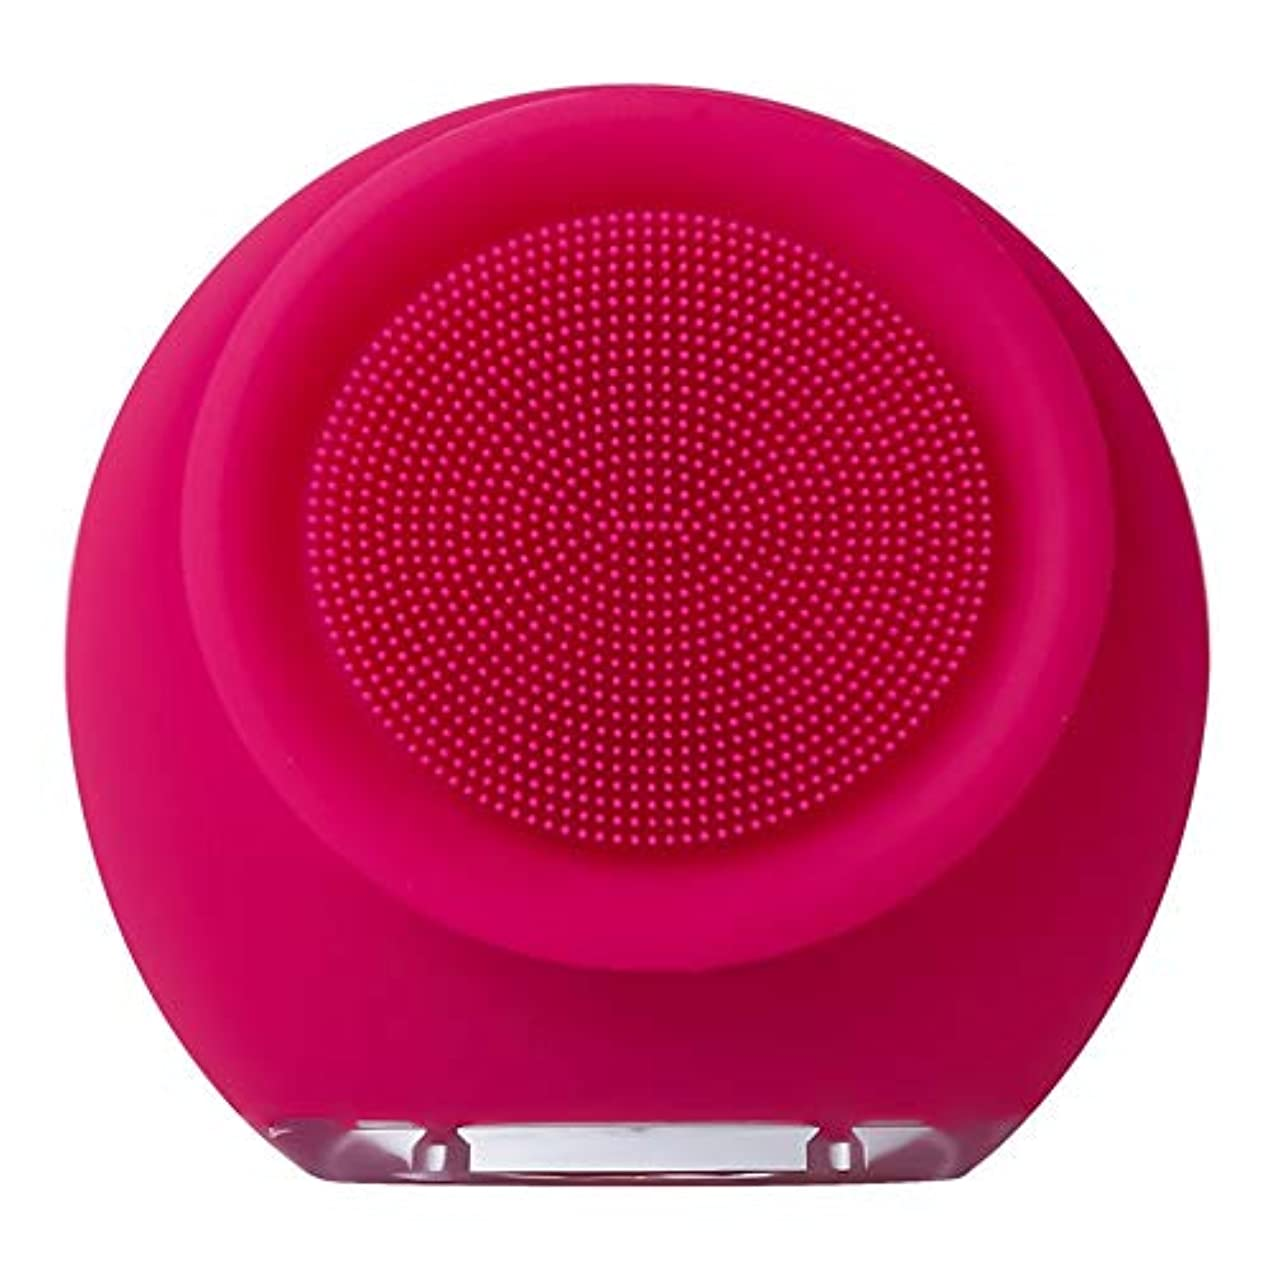 豊富臨検ホイールZHILI フェイスクリーナー防水電動フェイスクレンザーシリコンフェイシャルブラシマッサージャー削除肌にきびにきび毛穴美容ツール (Color : Pink2)